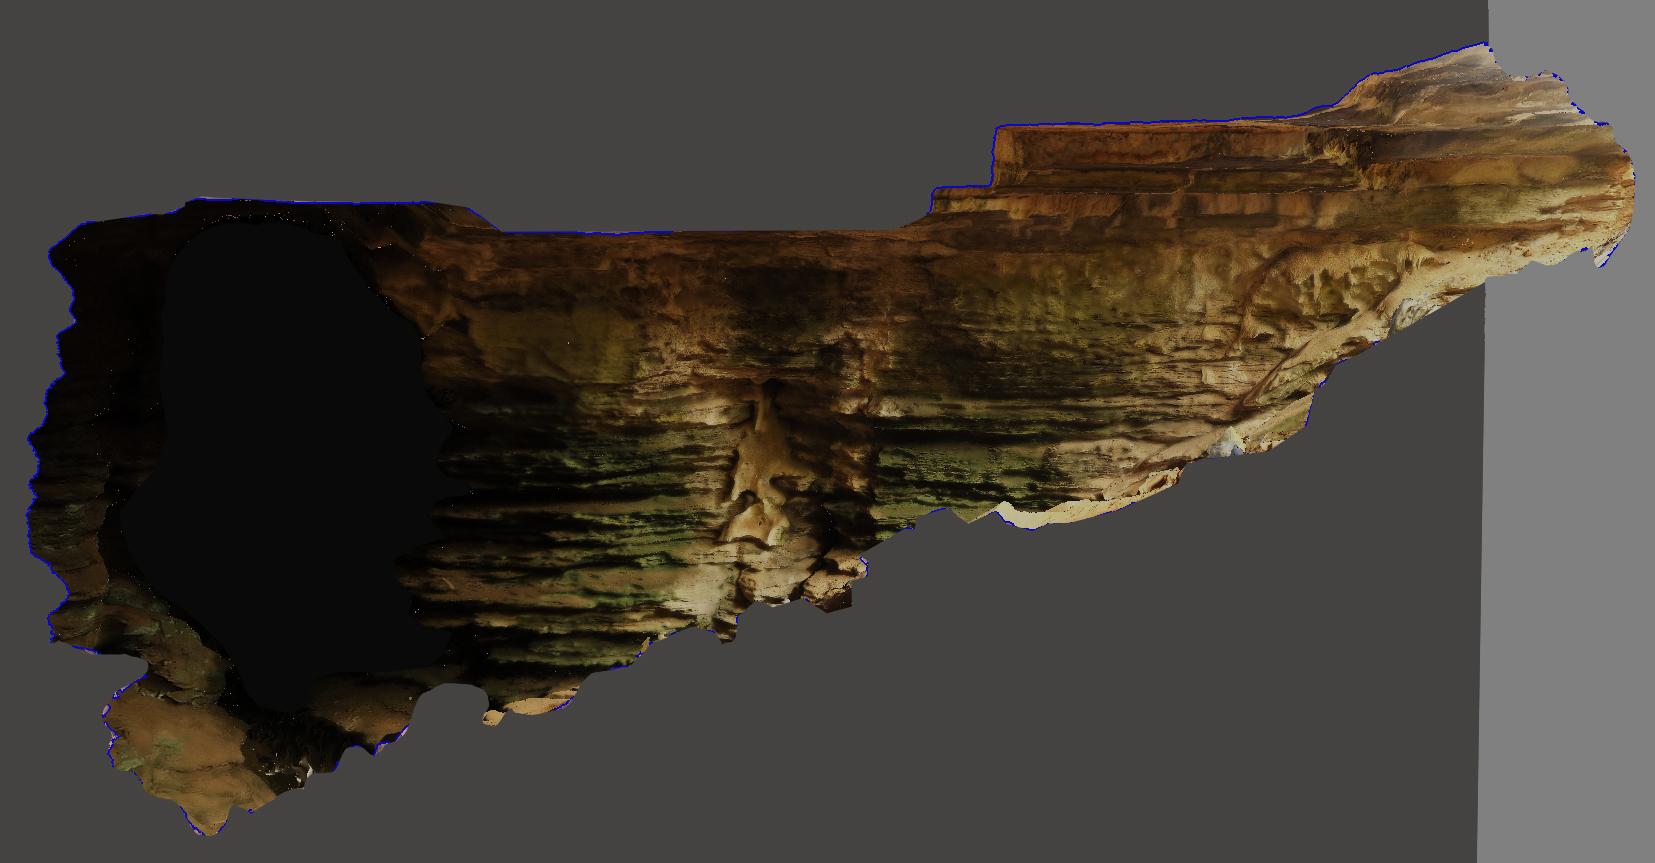 seccion caverna